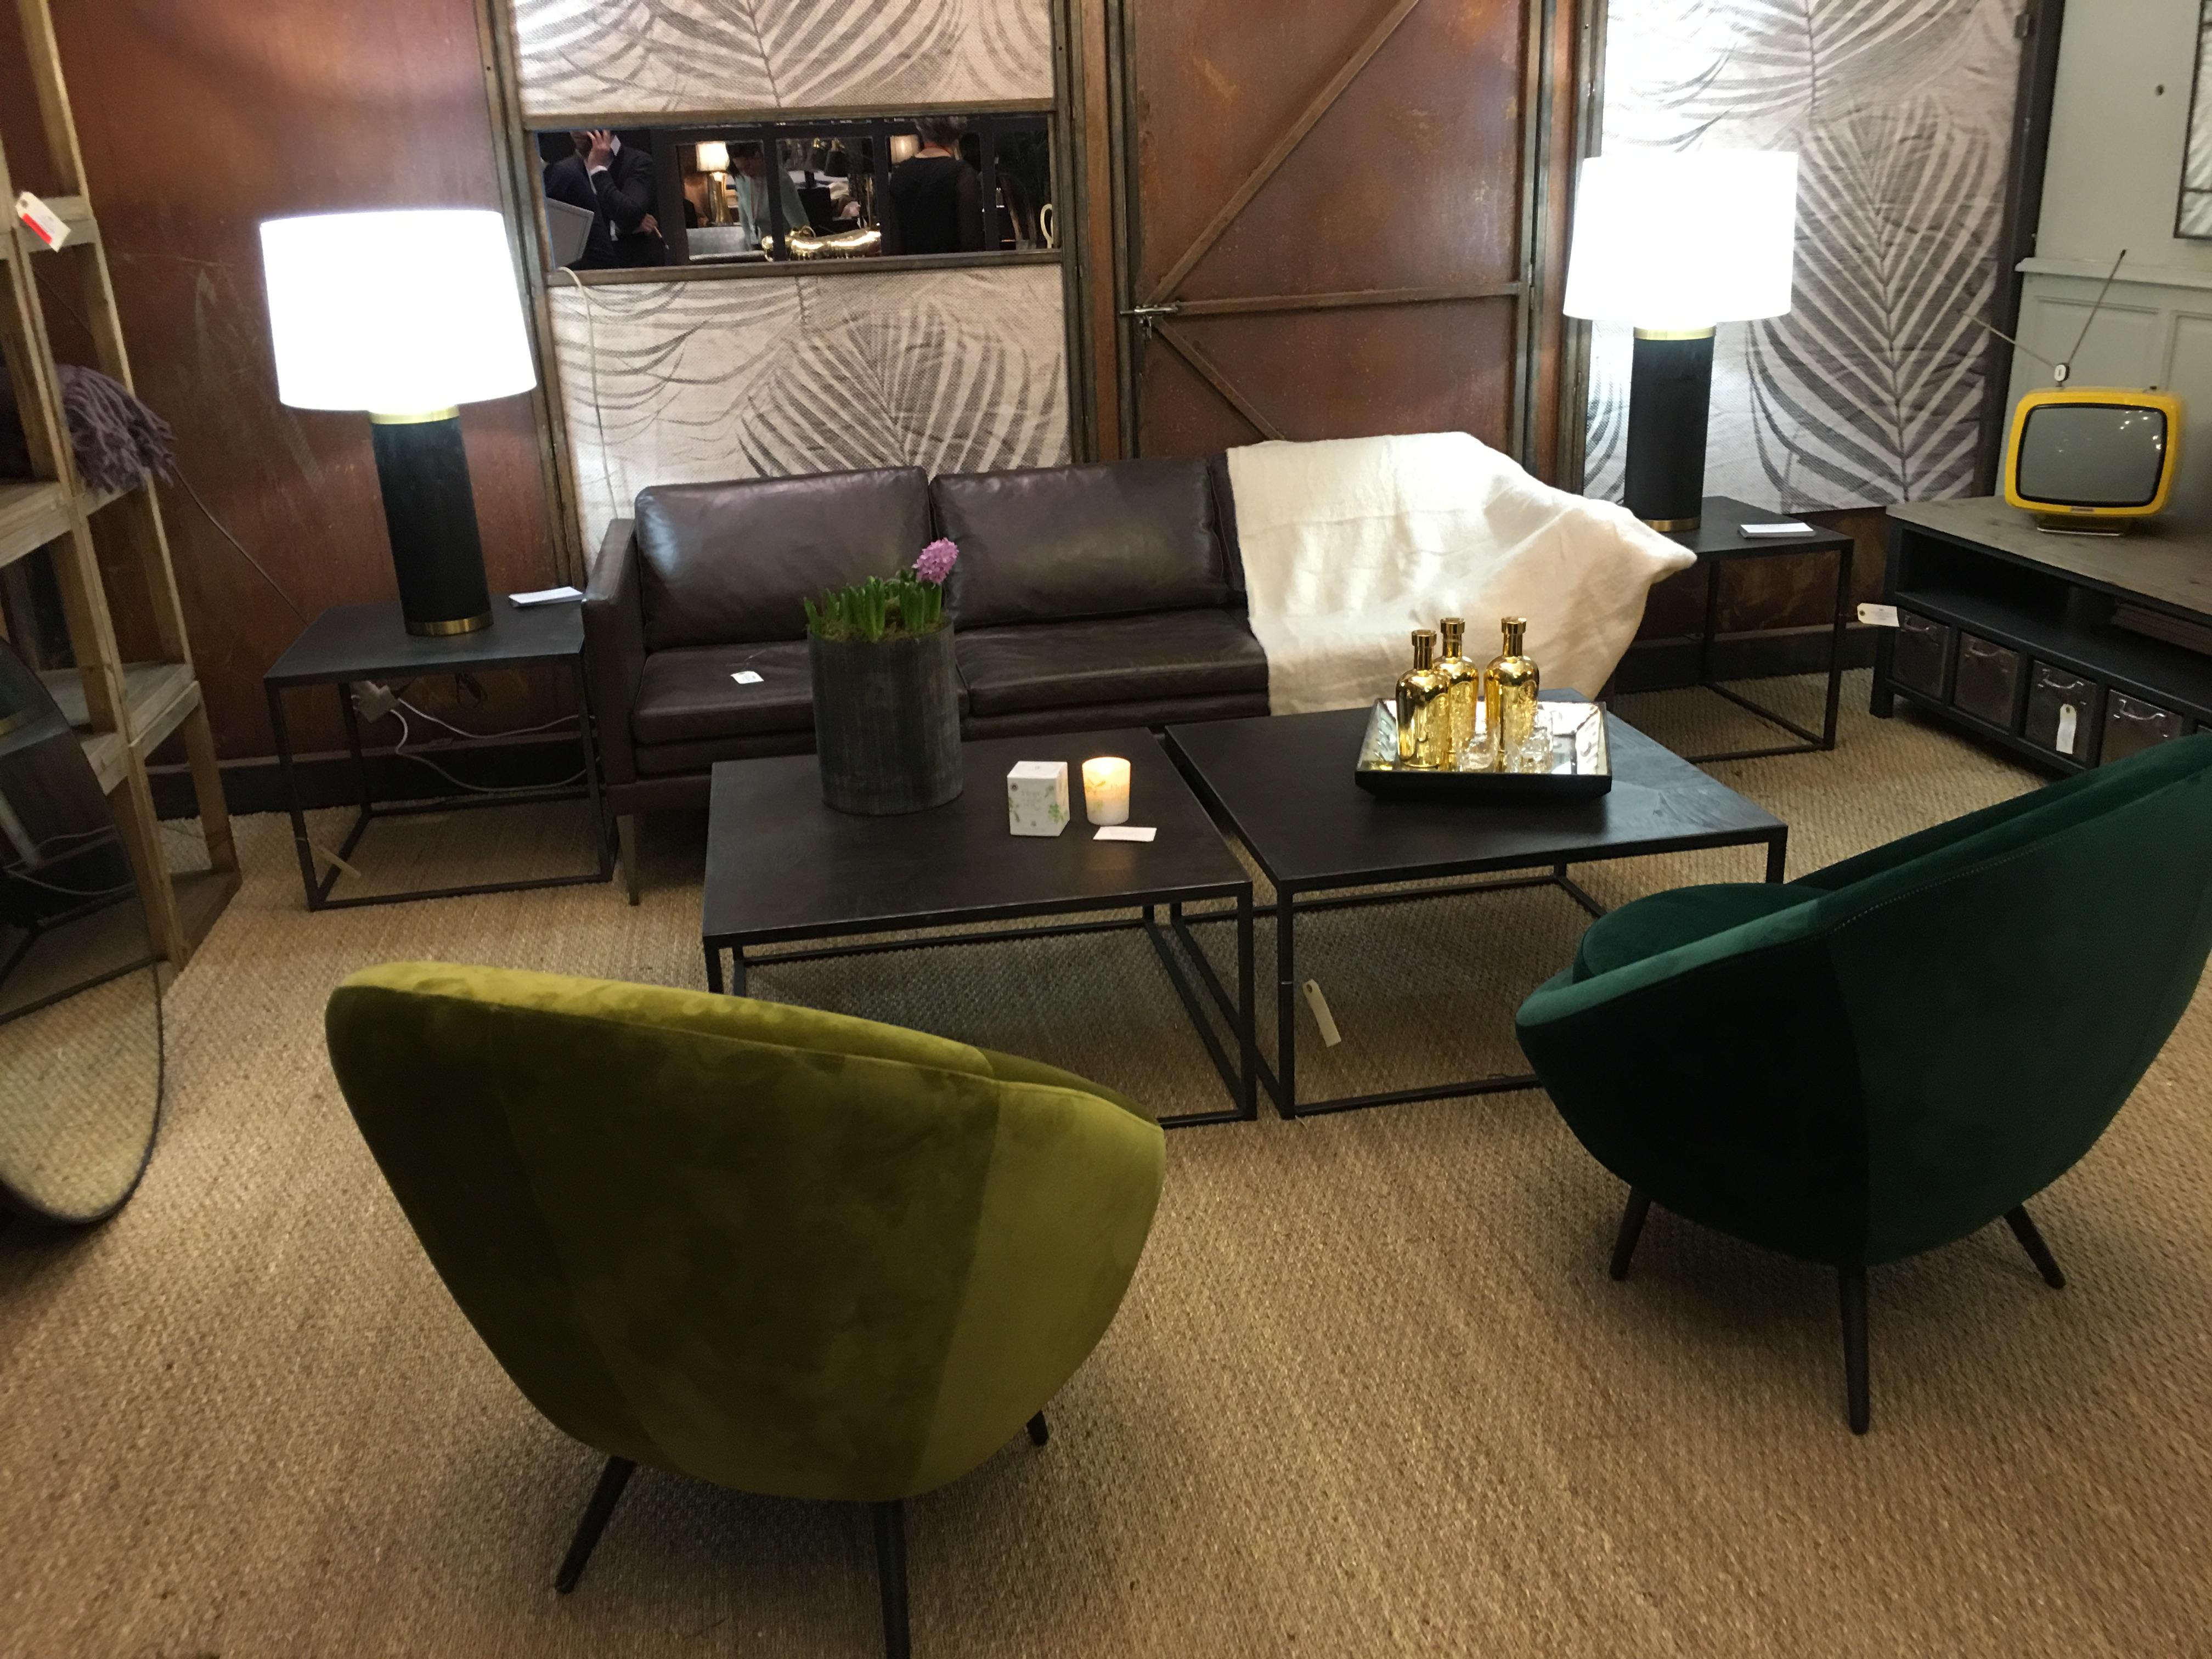 deux fauteuils de deux vert différents accompagneront ce canapé en cuir marron